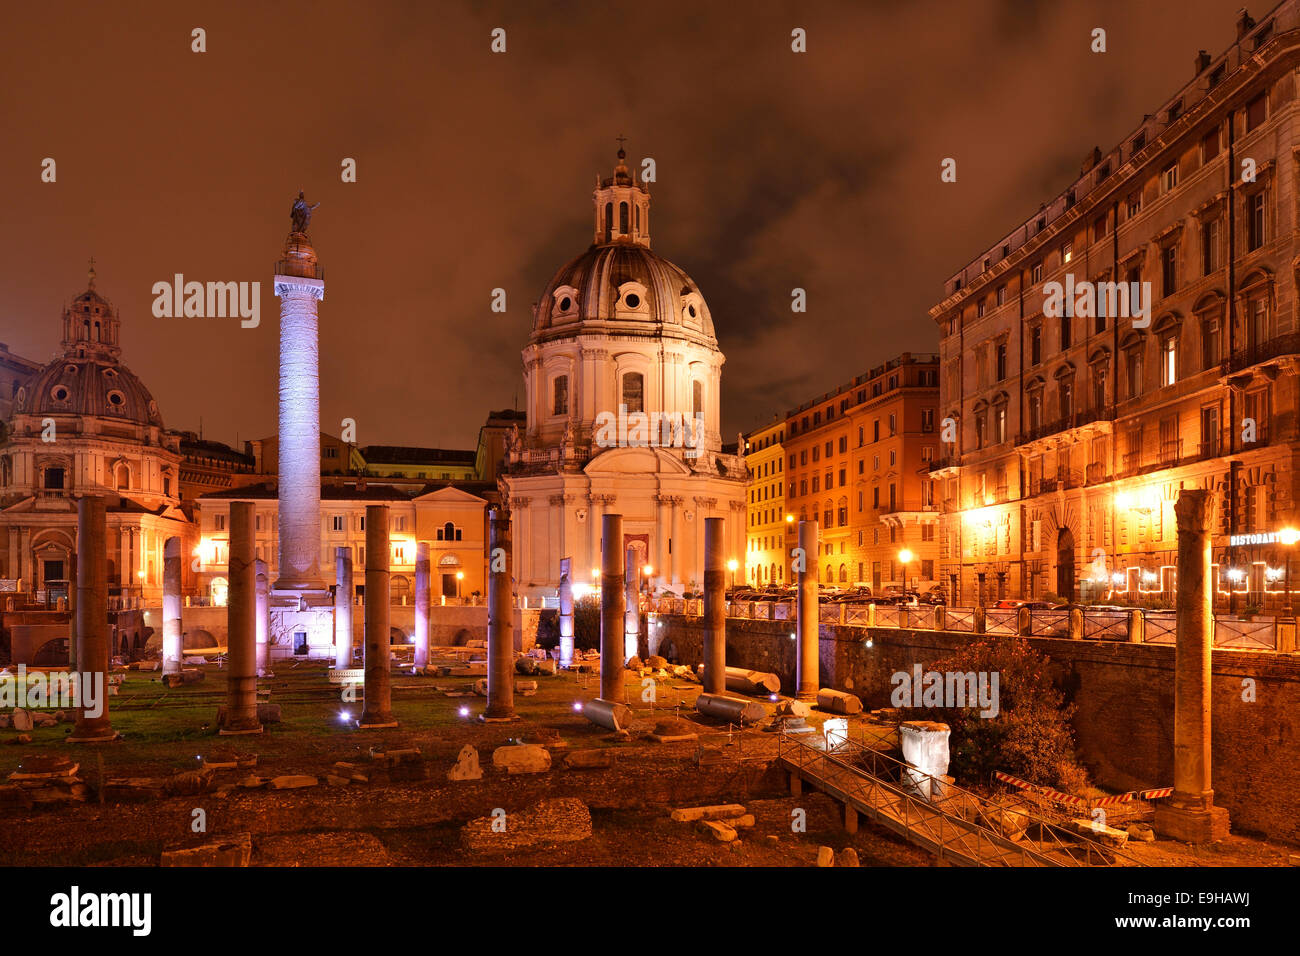 Chiesa di Santa Maria di Loreto e di Traiano's colonna, in serata, Roma, lazio, Italy Immagini Stock